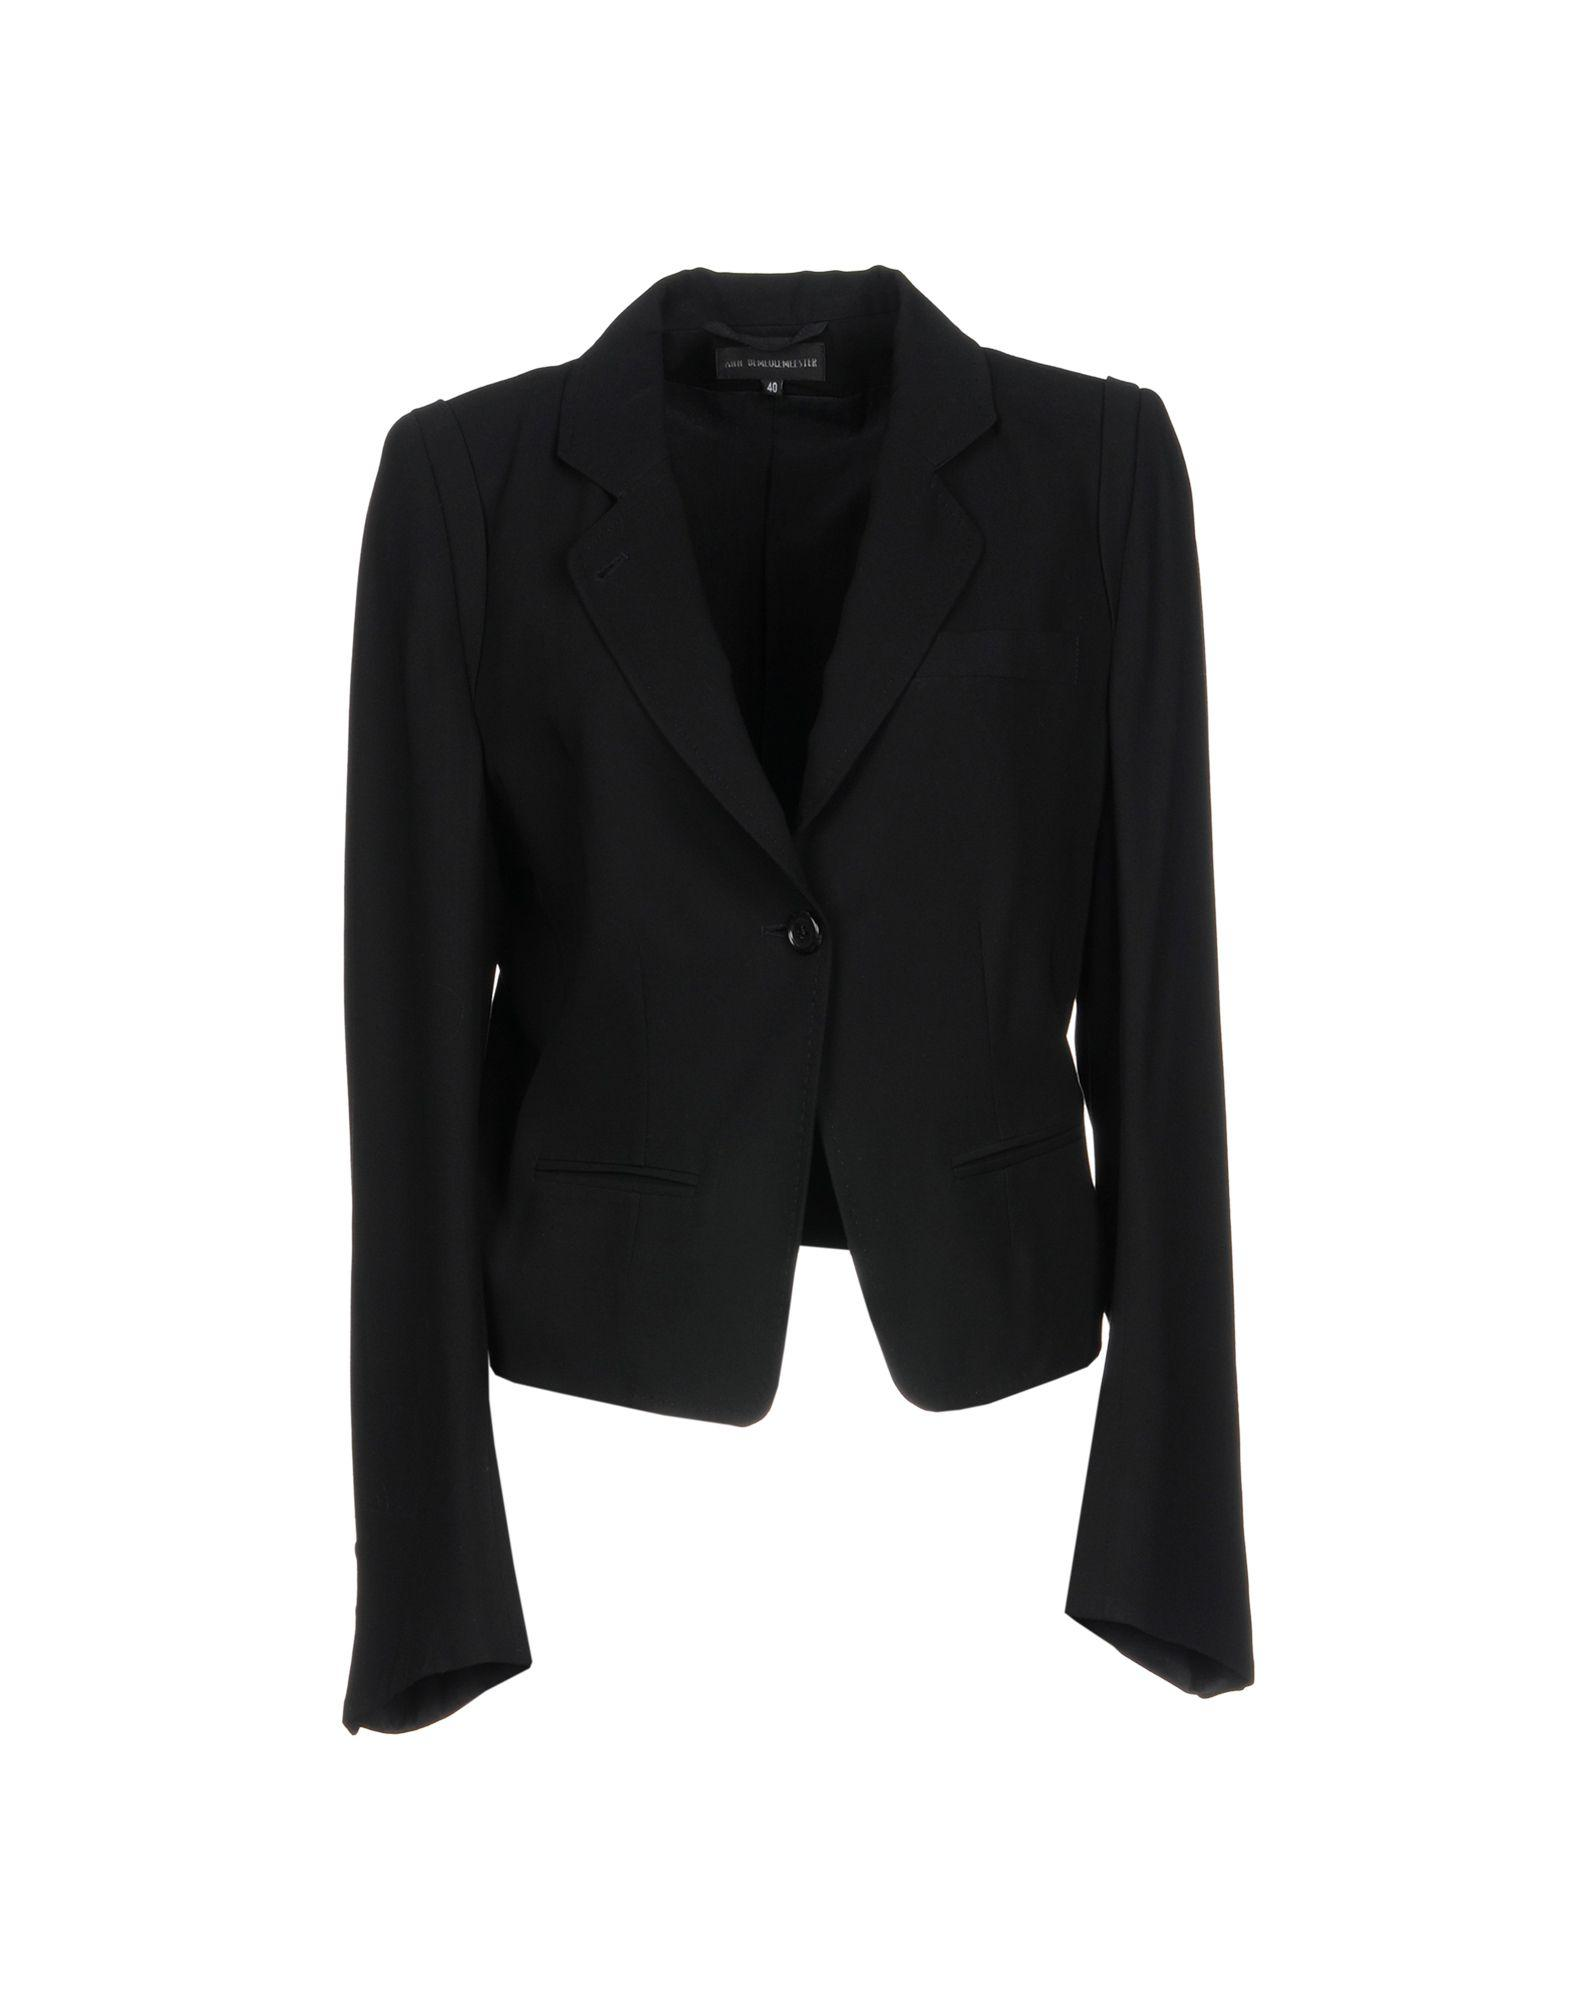 Ann Demeulemeester In Black